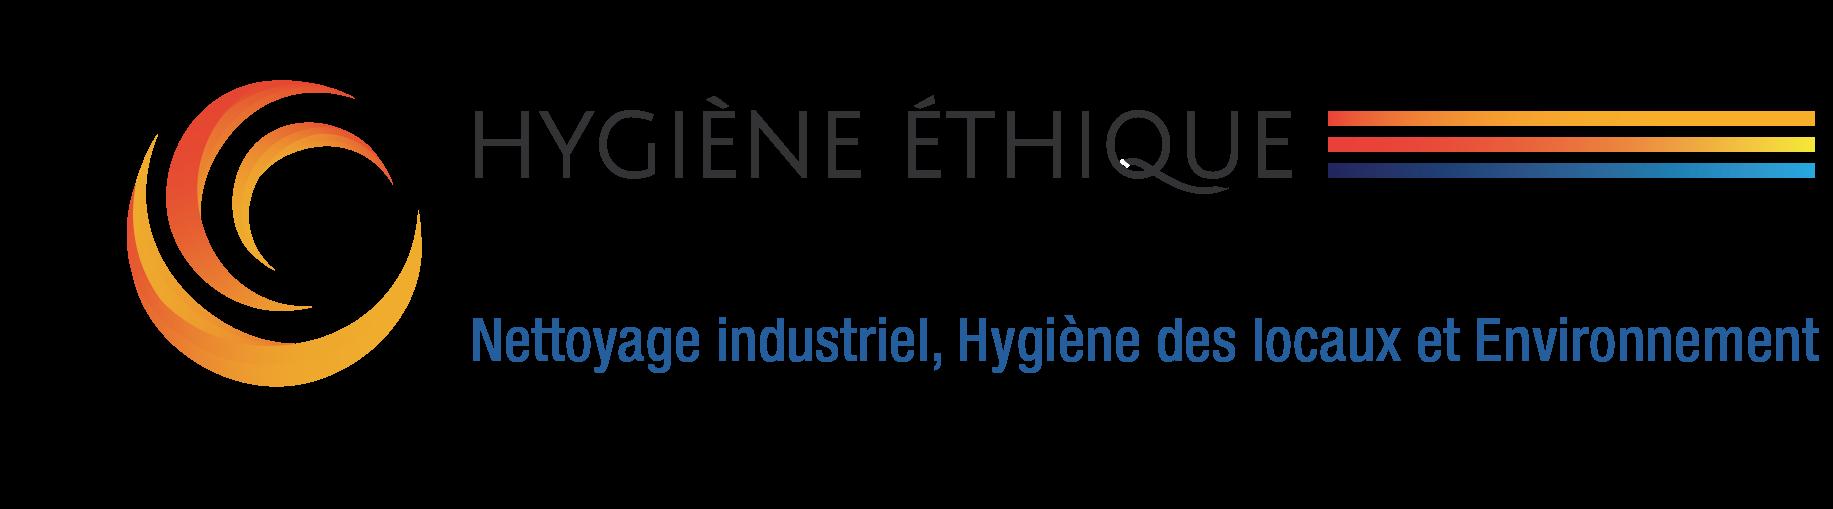 Hygiène Éthique Formation